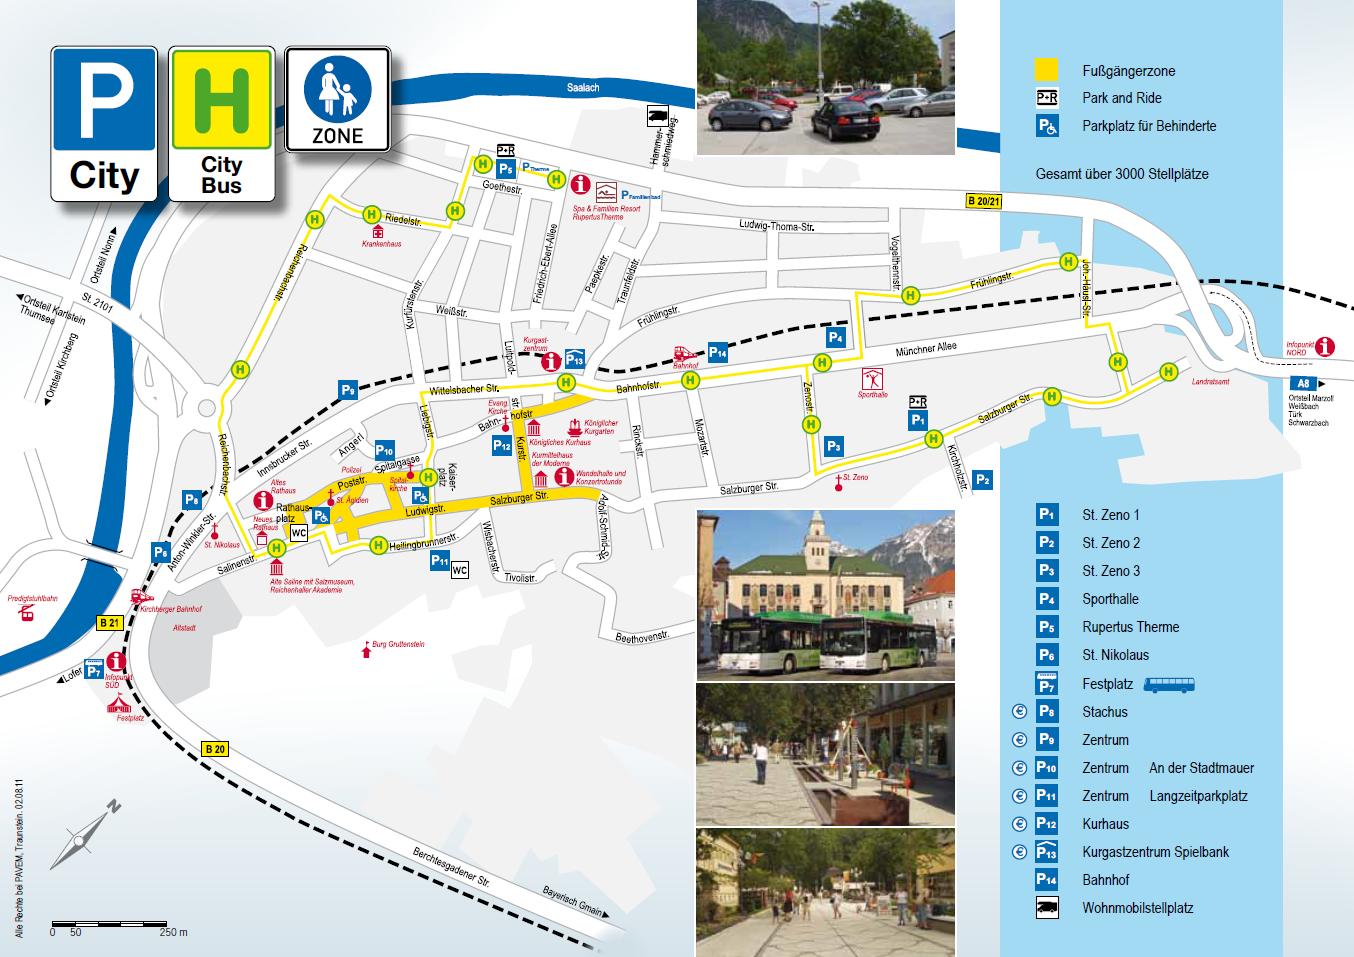 Parkplätze und City-Bus-Linien